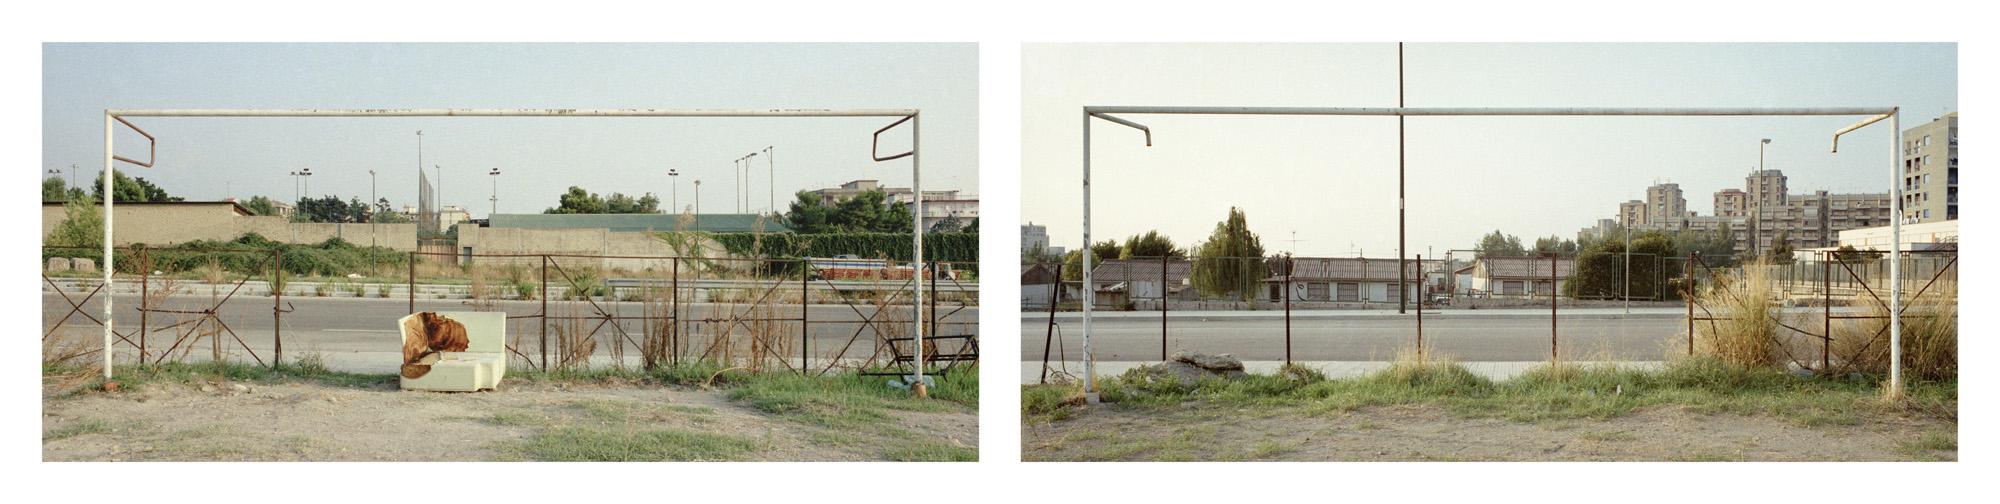 Fuoricampo, Napoli, #05